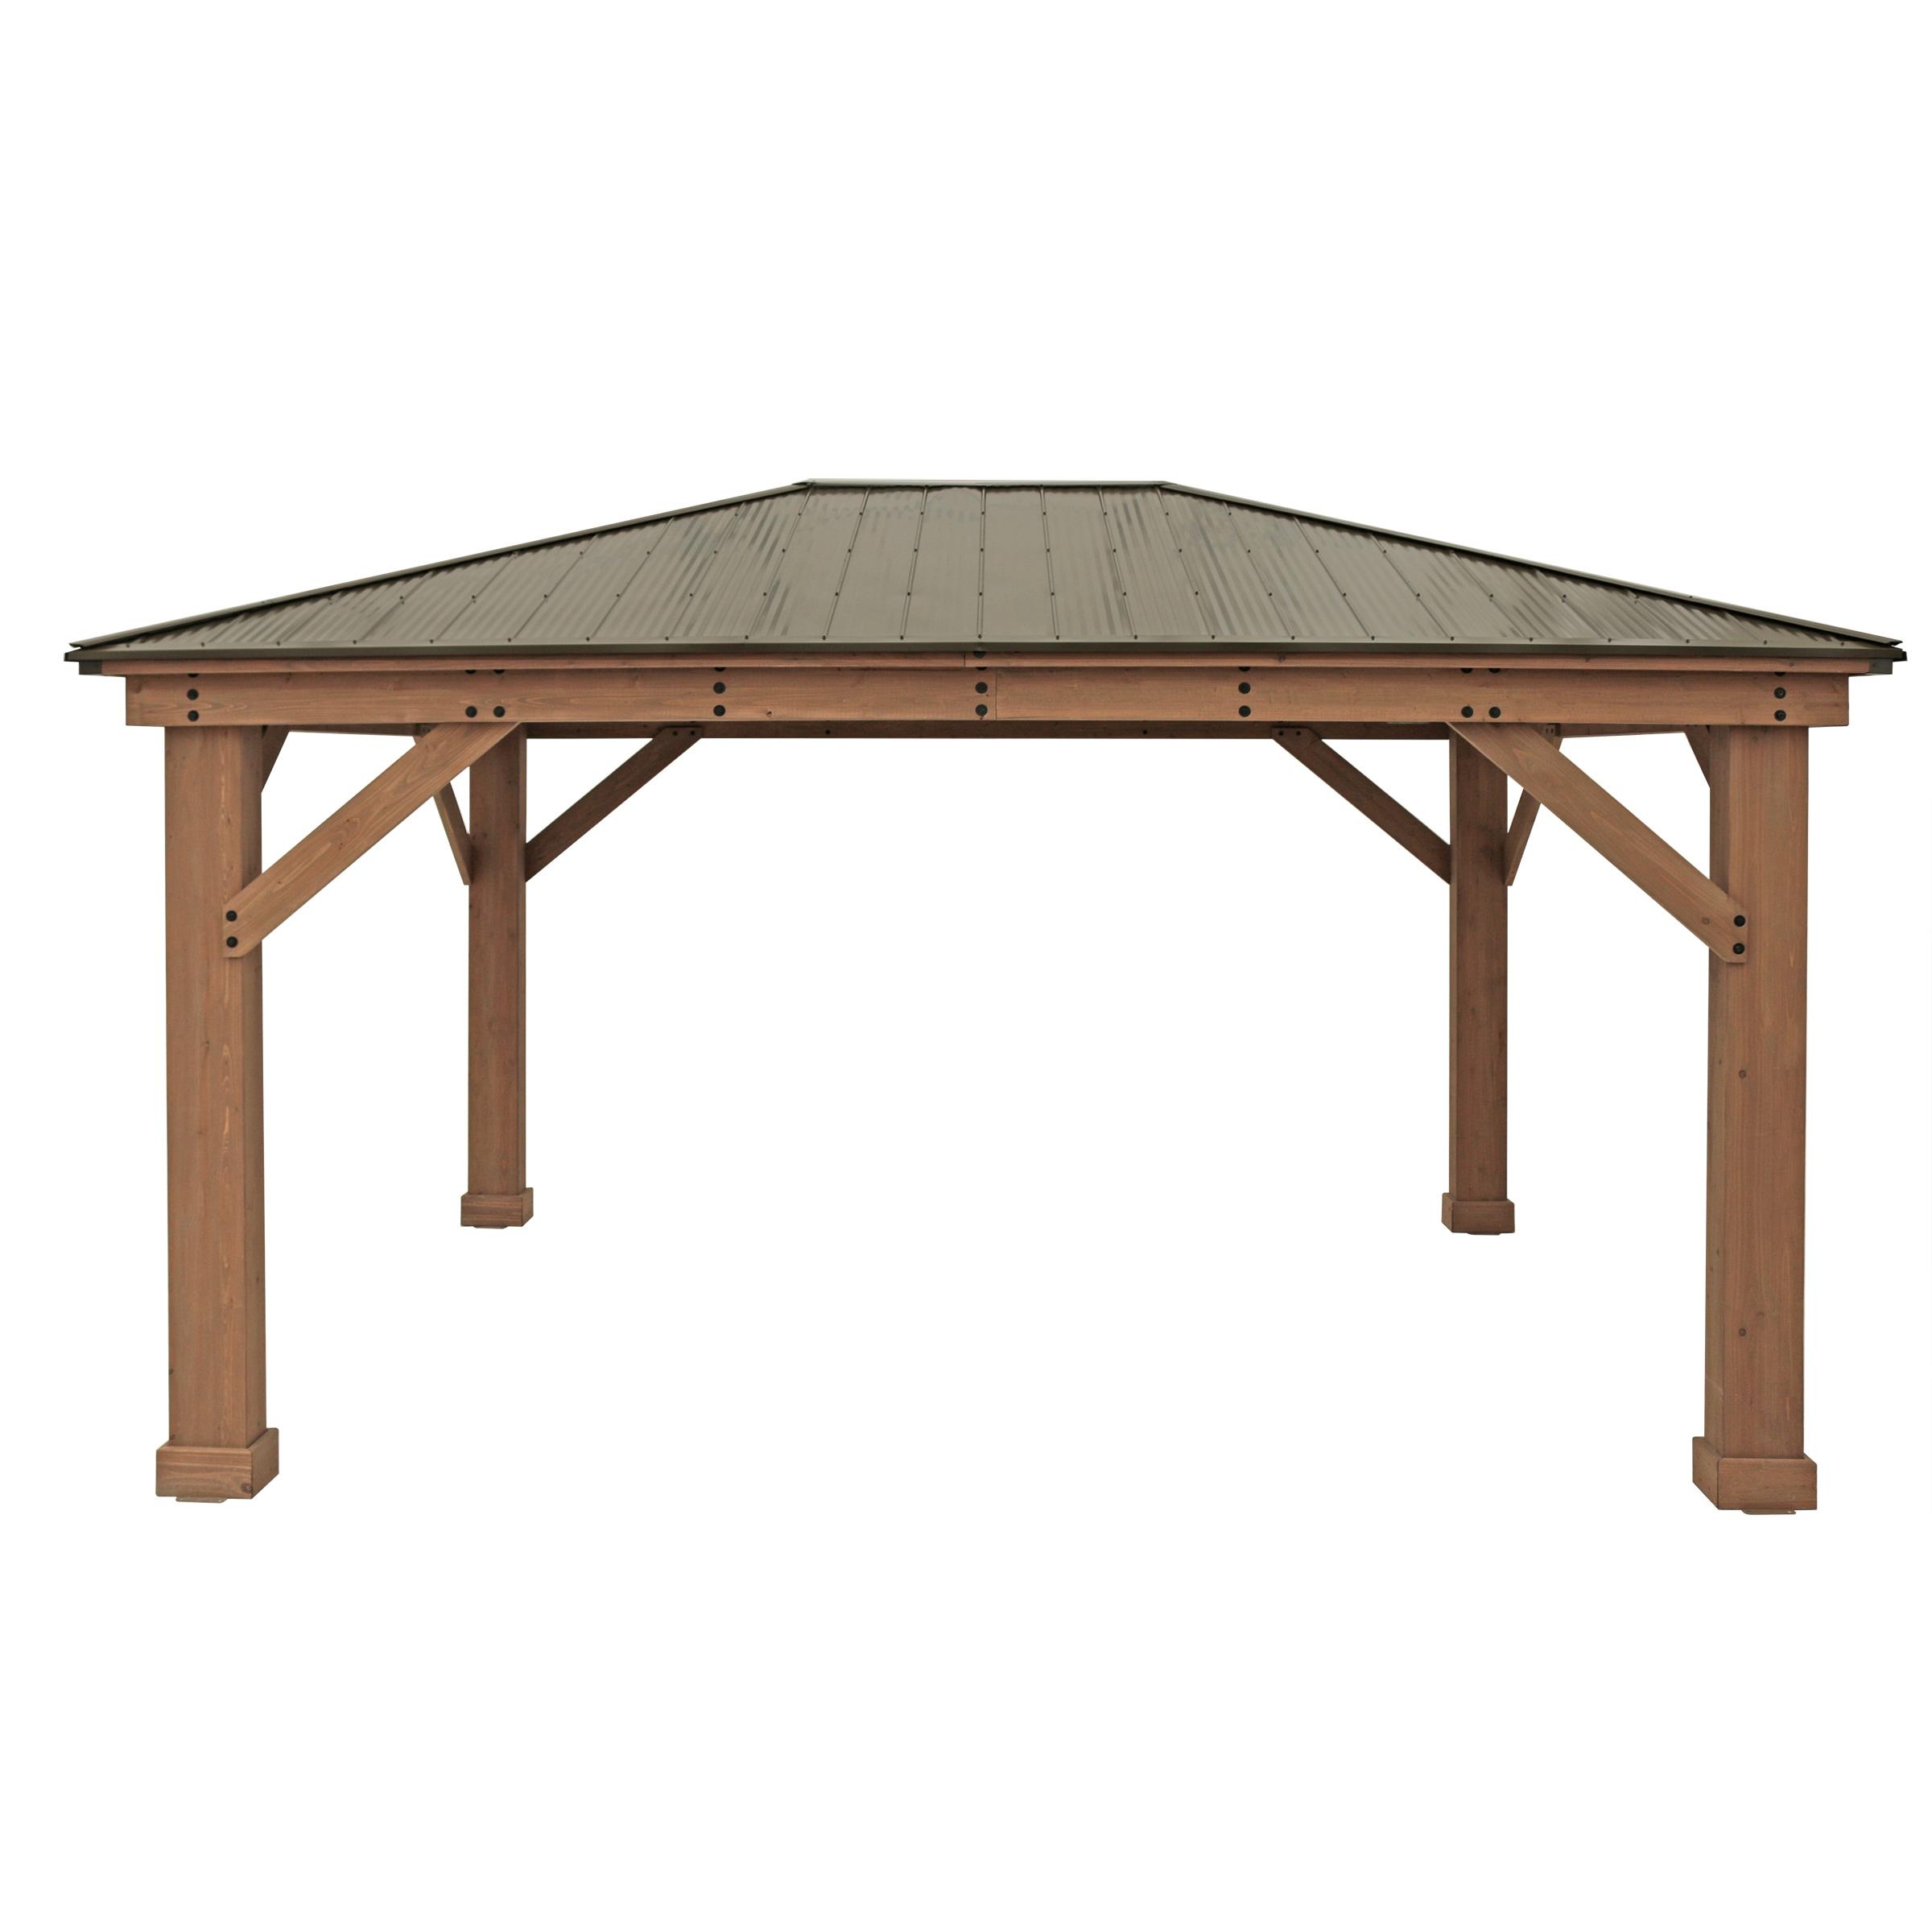 WESTMANN Holzpavillon Devon 12x16, BxT: 371x490 cm günstig online kaufen